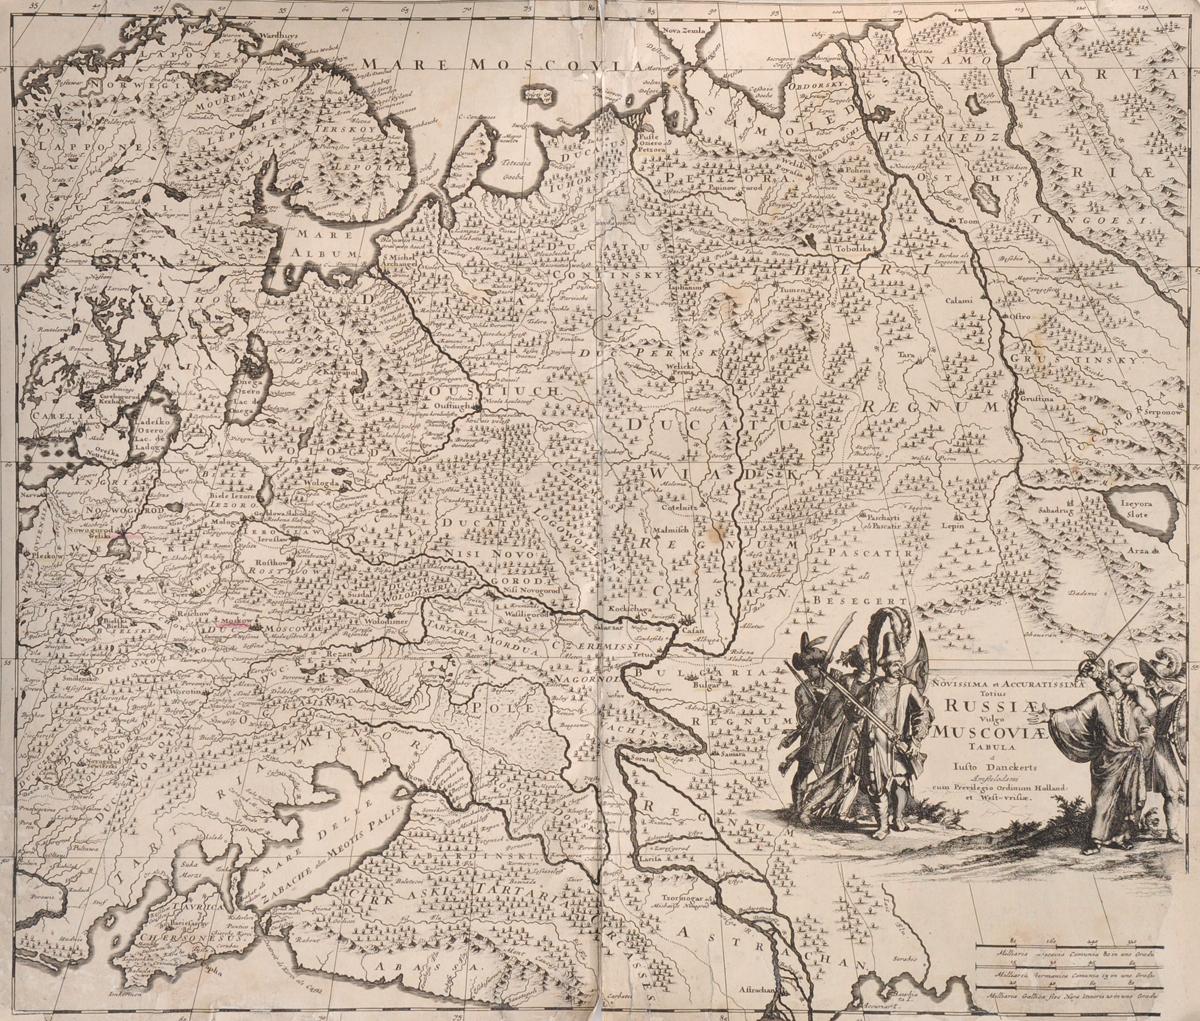 Географическая карта России (Novissima et Accuratissima Totius Russiae vulgo Moscoviae tabula). Гравюра. Западная Европа, 1660-е гг